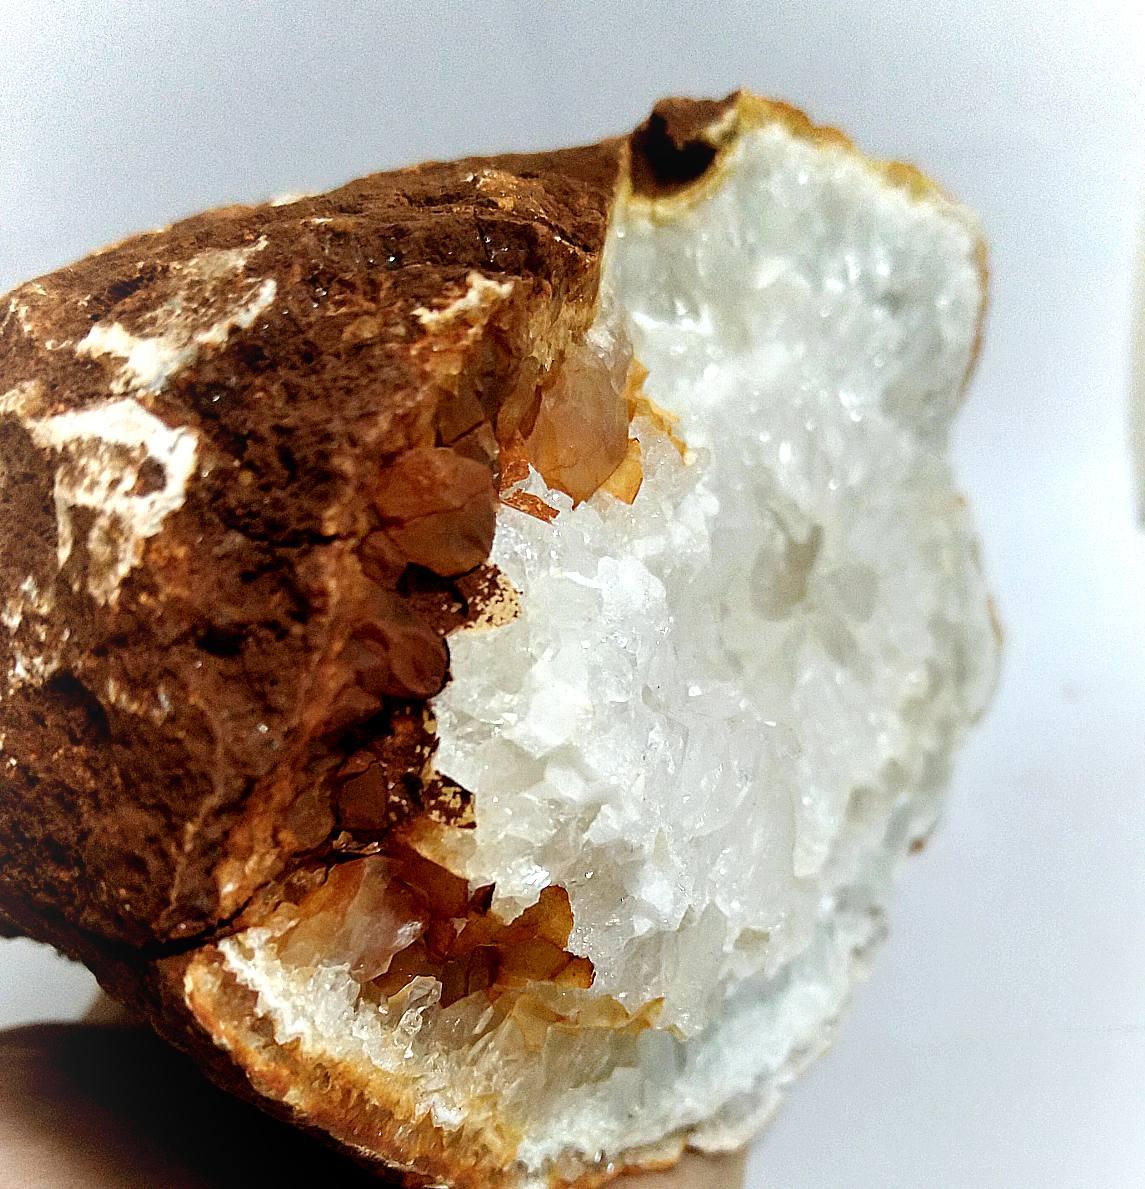 Geodo de Quartzo - Tipo 1